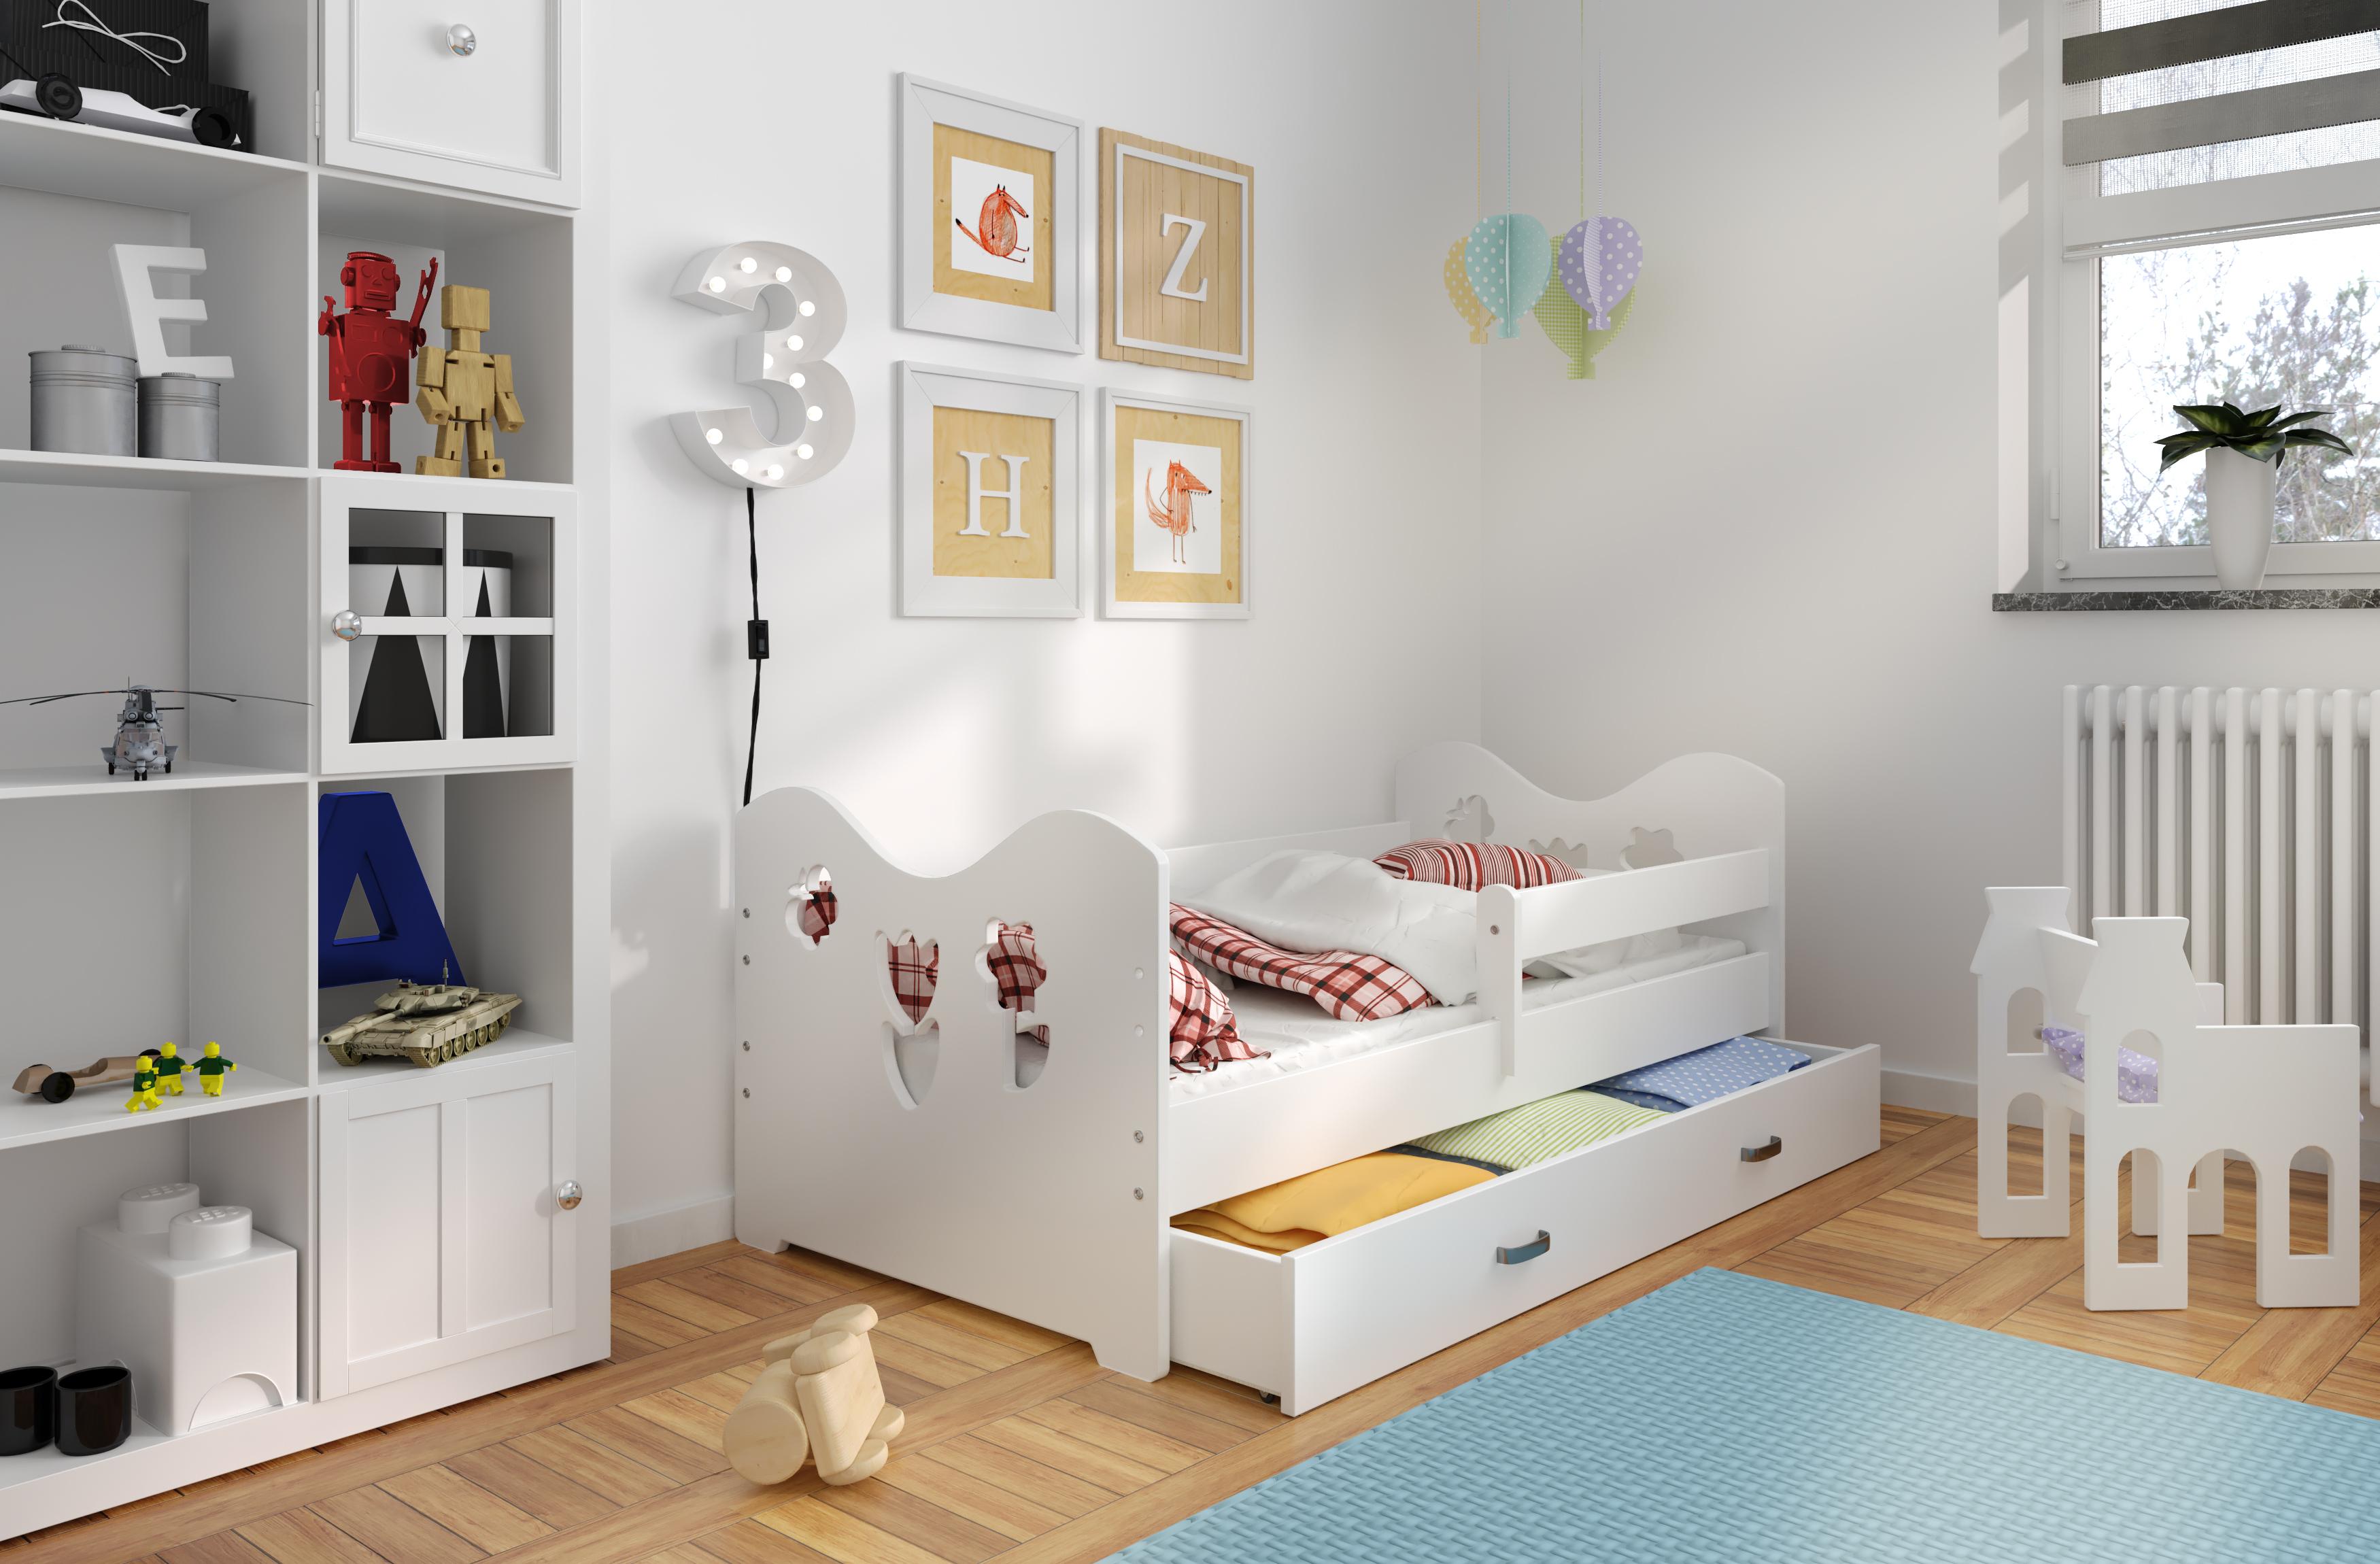 Bett Babybett Kinderbett Jugendbett 160x80 + Lattenrost + Schublade ...